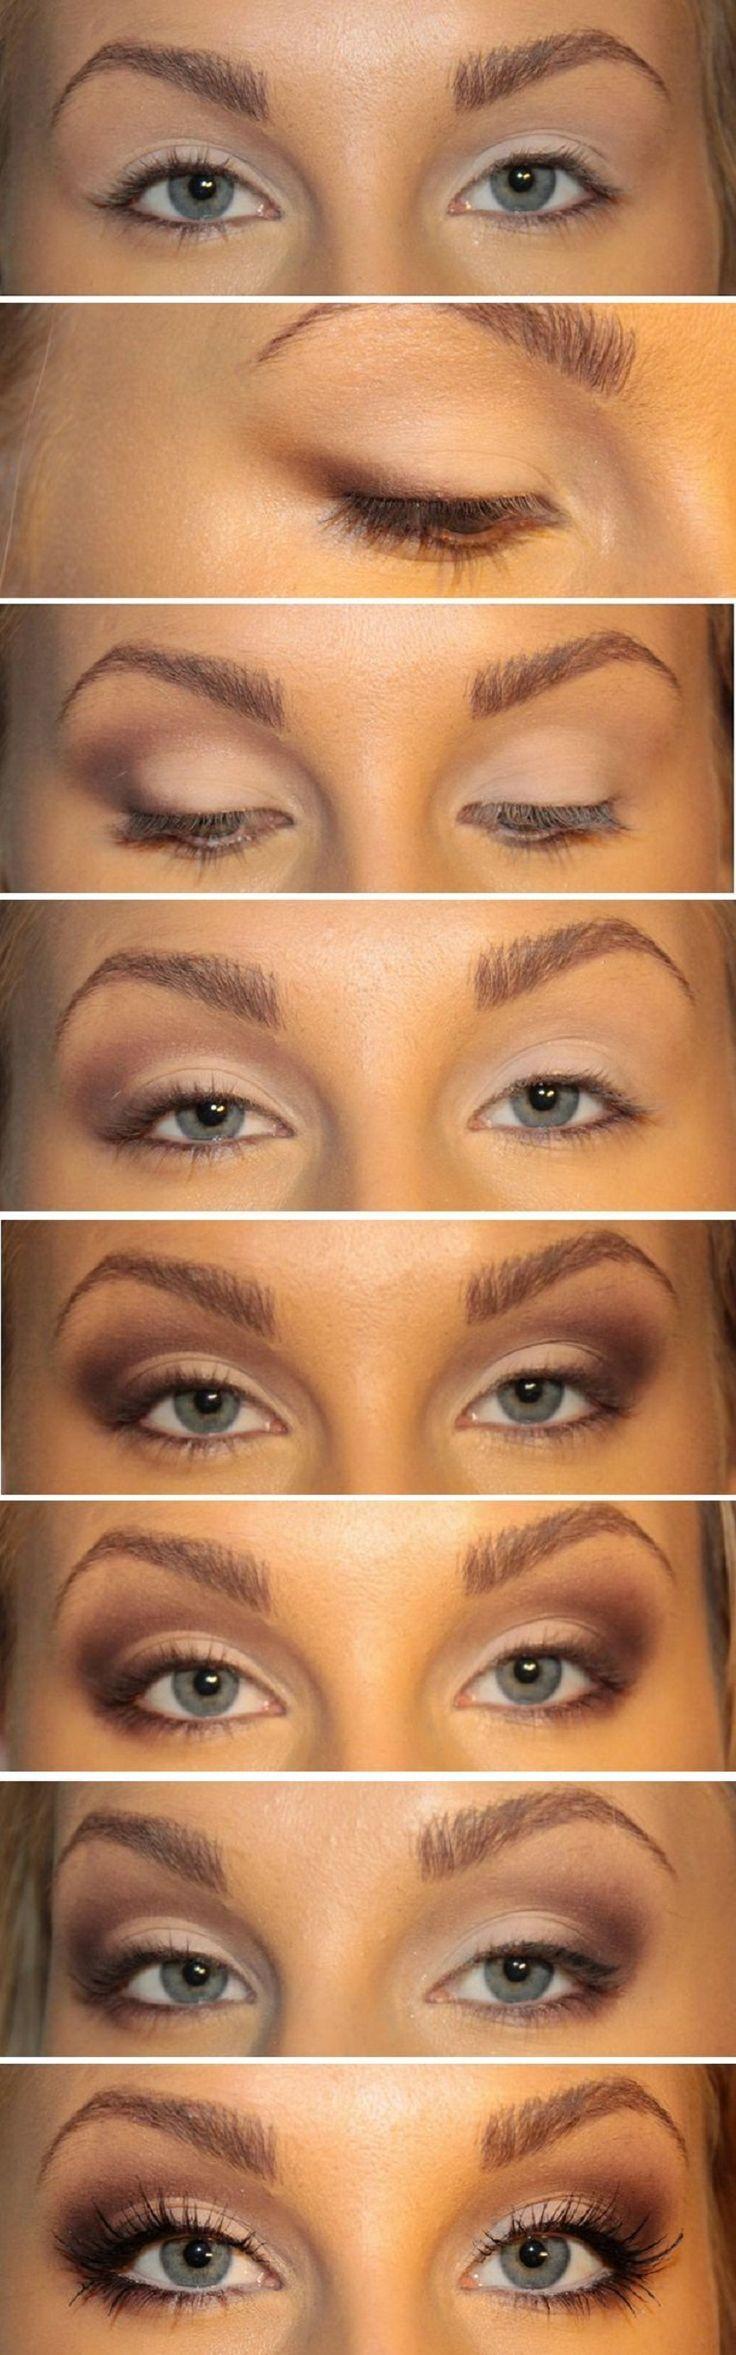 Bigger Eyes Makeup Tutorial - 10 Brown Eyeshadow Tutorials for Seductive Eyes | GleamItUp